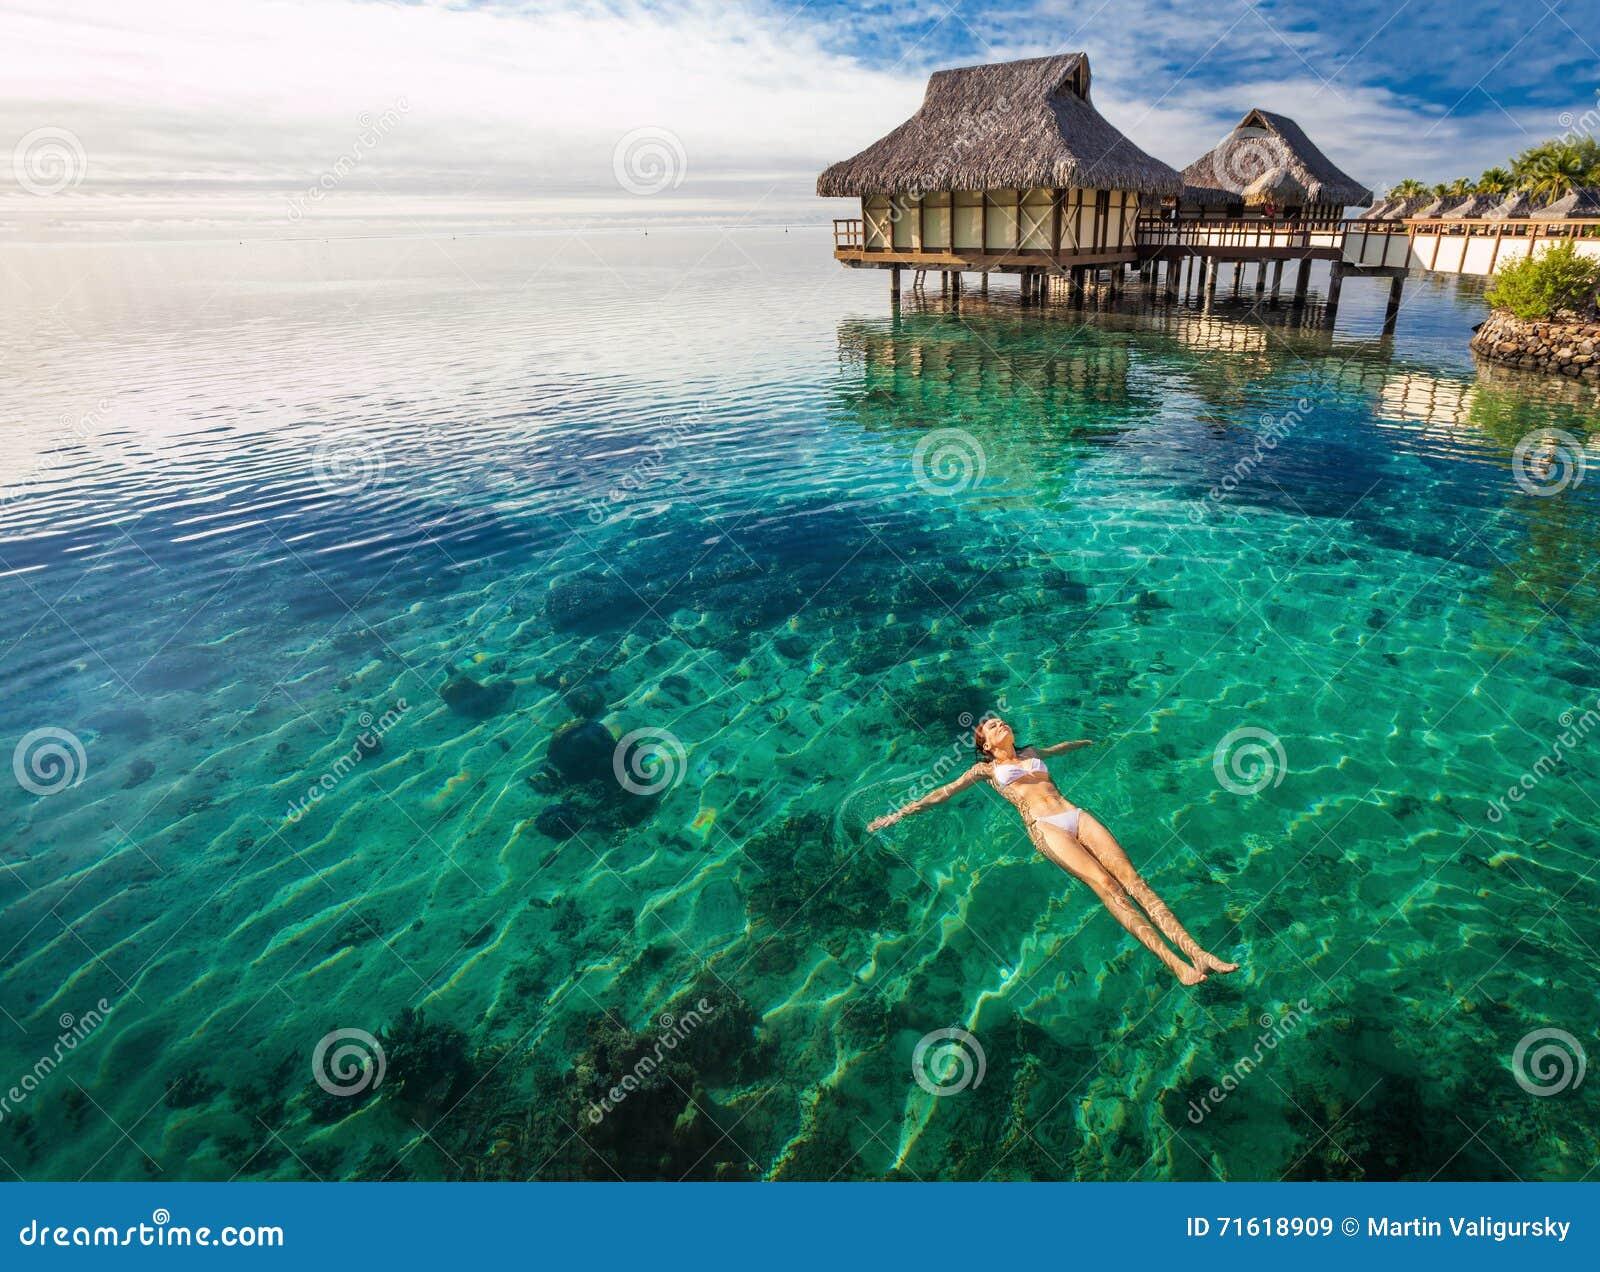 Woman in white bikini swimming in coral lagoon, Moorea, Tahiti